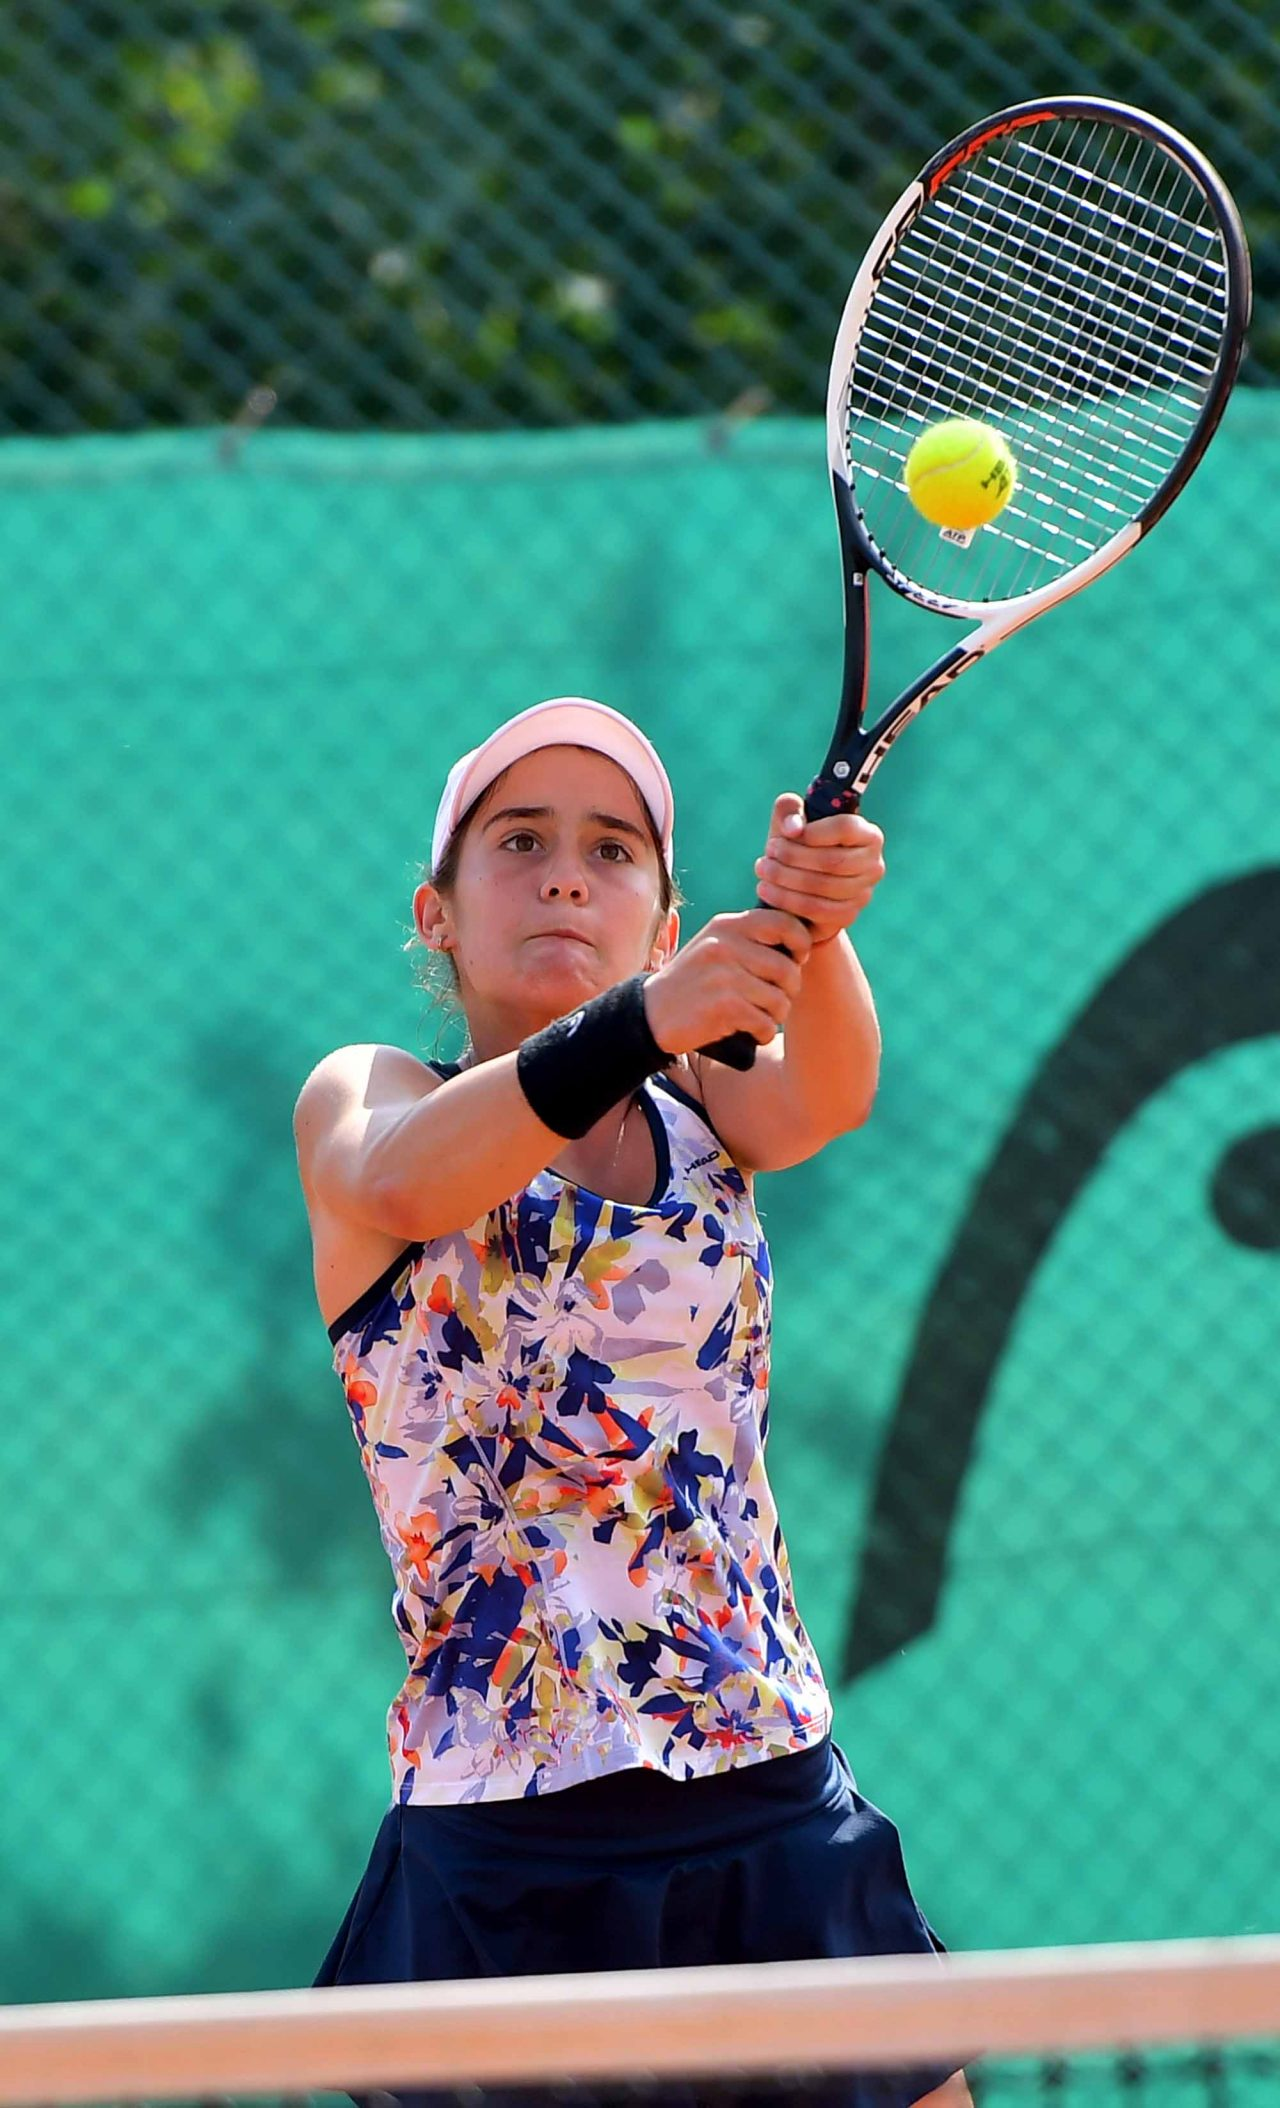 Държавно първенство тенис до 14 год. ТК 15-40 финал (33)